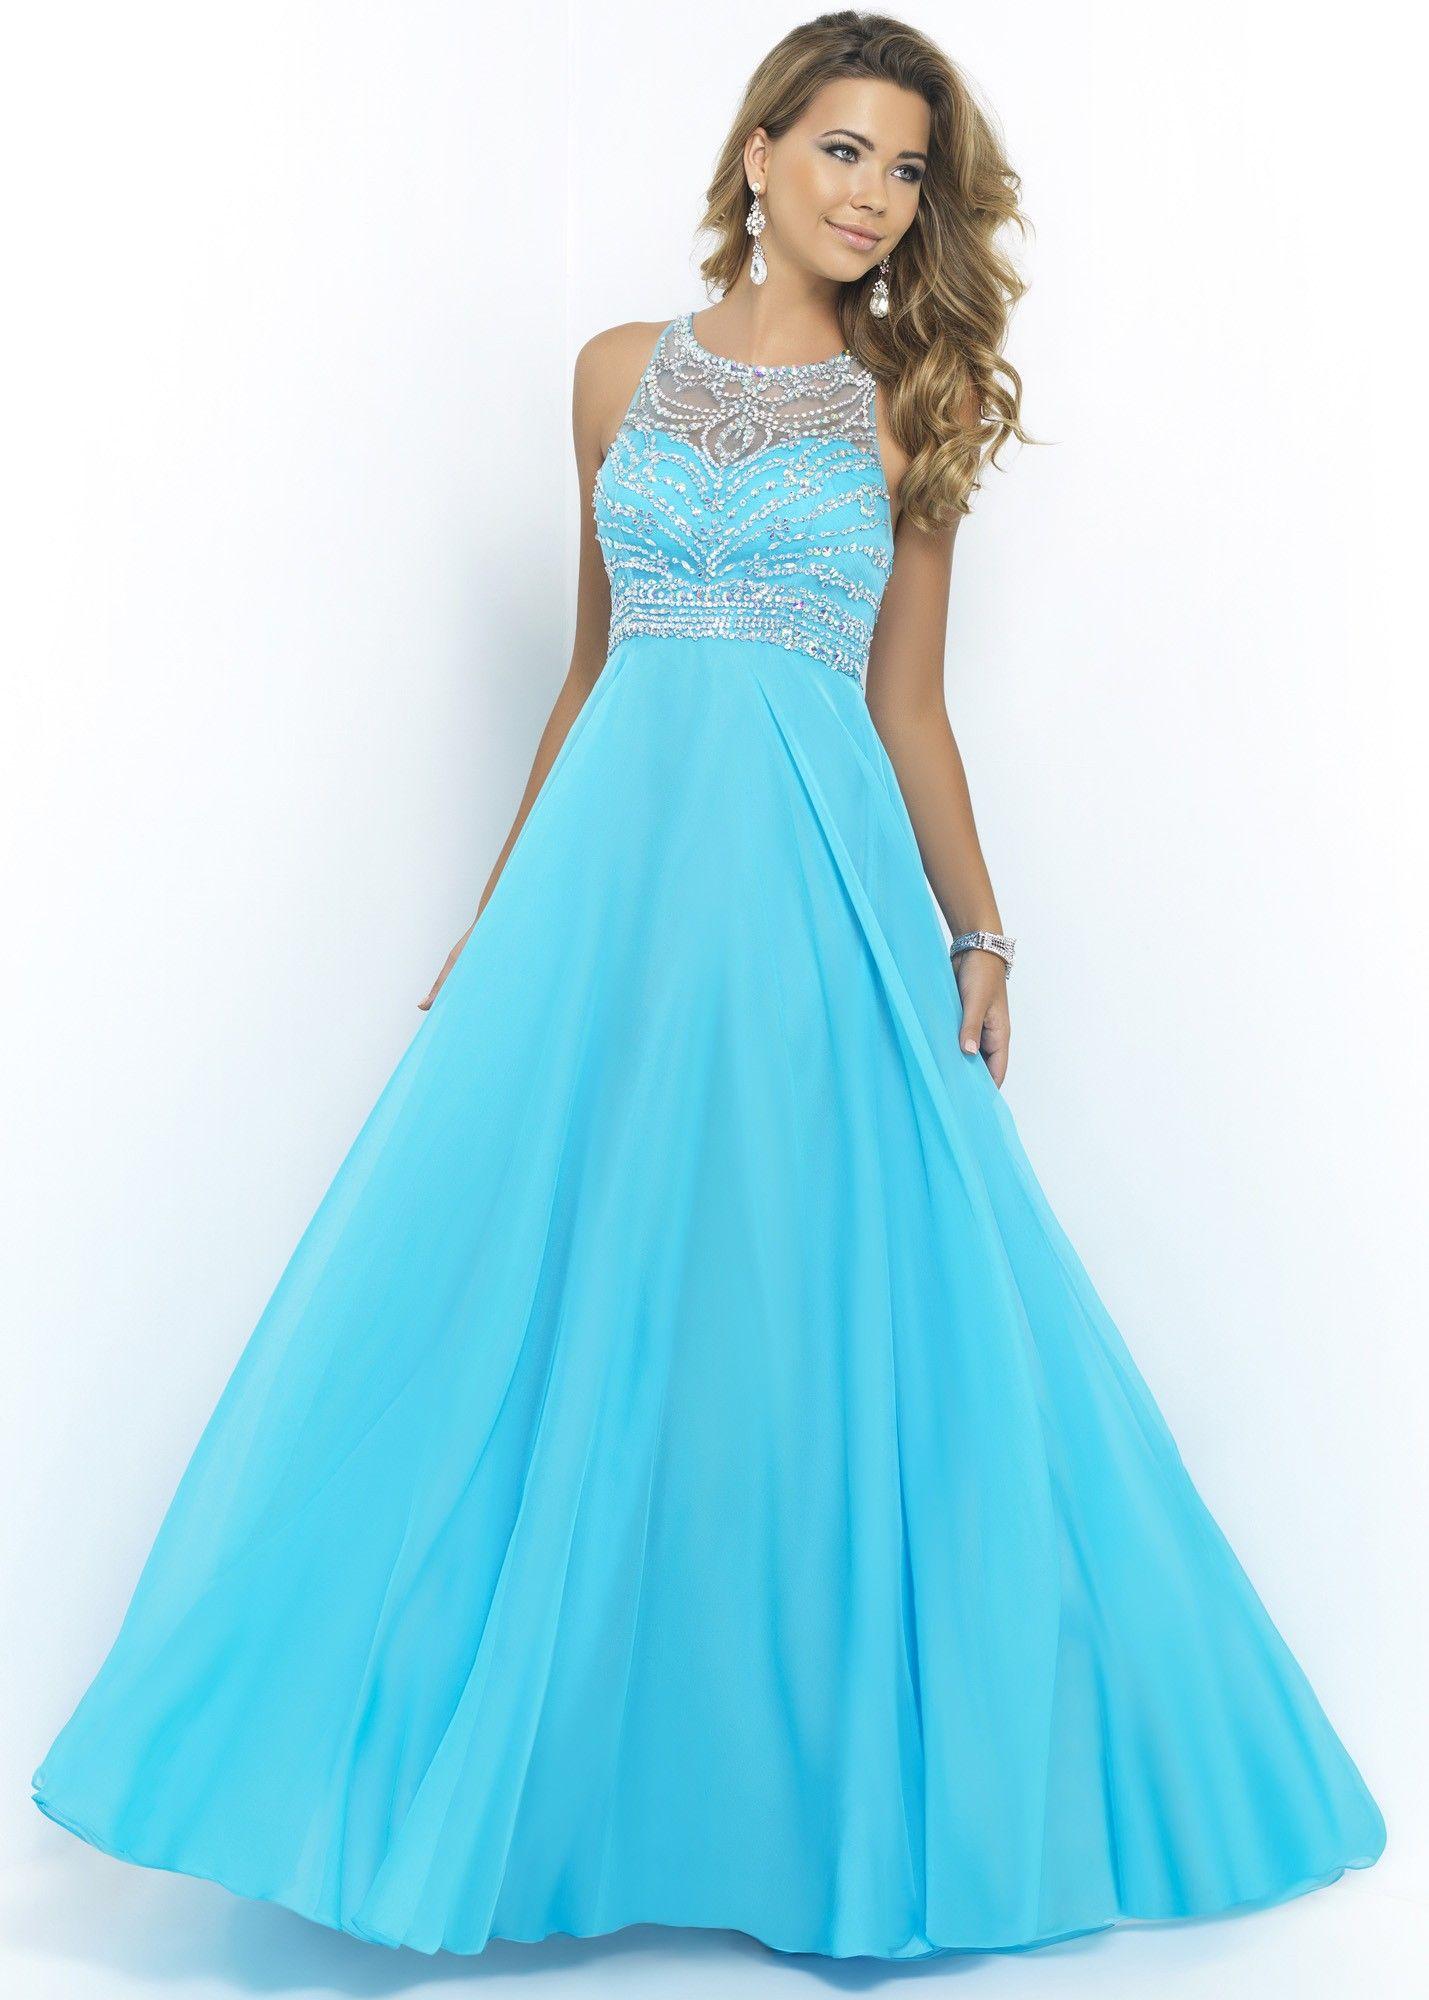 Blush 10001 Sapphire Beaded Illusion Chiffon Dress | Prom Dress ...